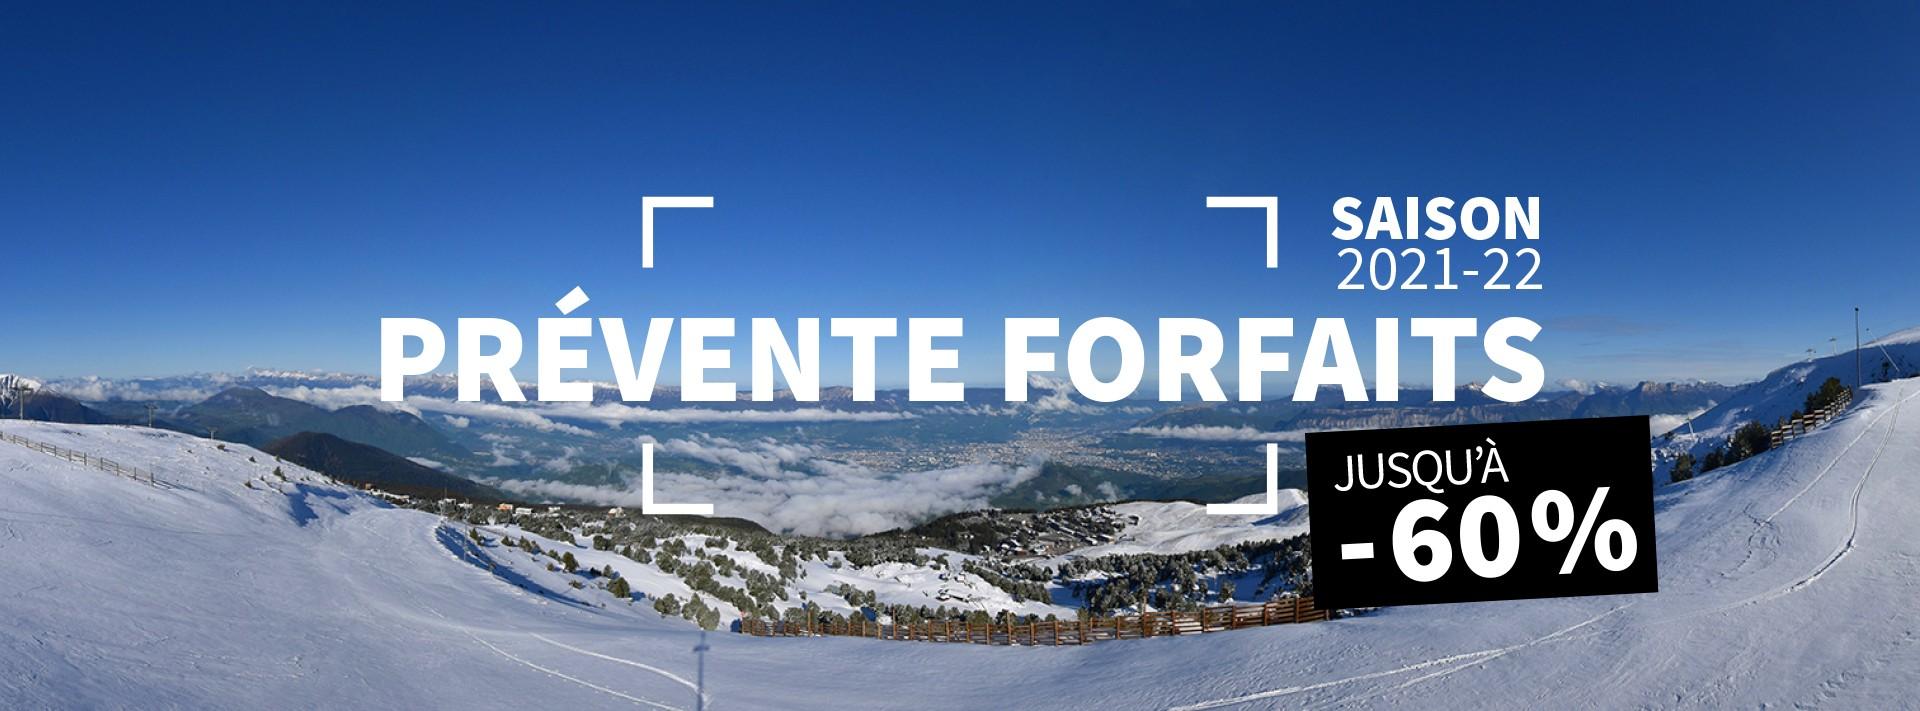 Prévente juillet forfait ski saison hiver année Chamrousse